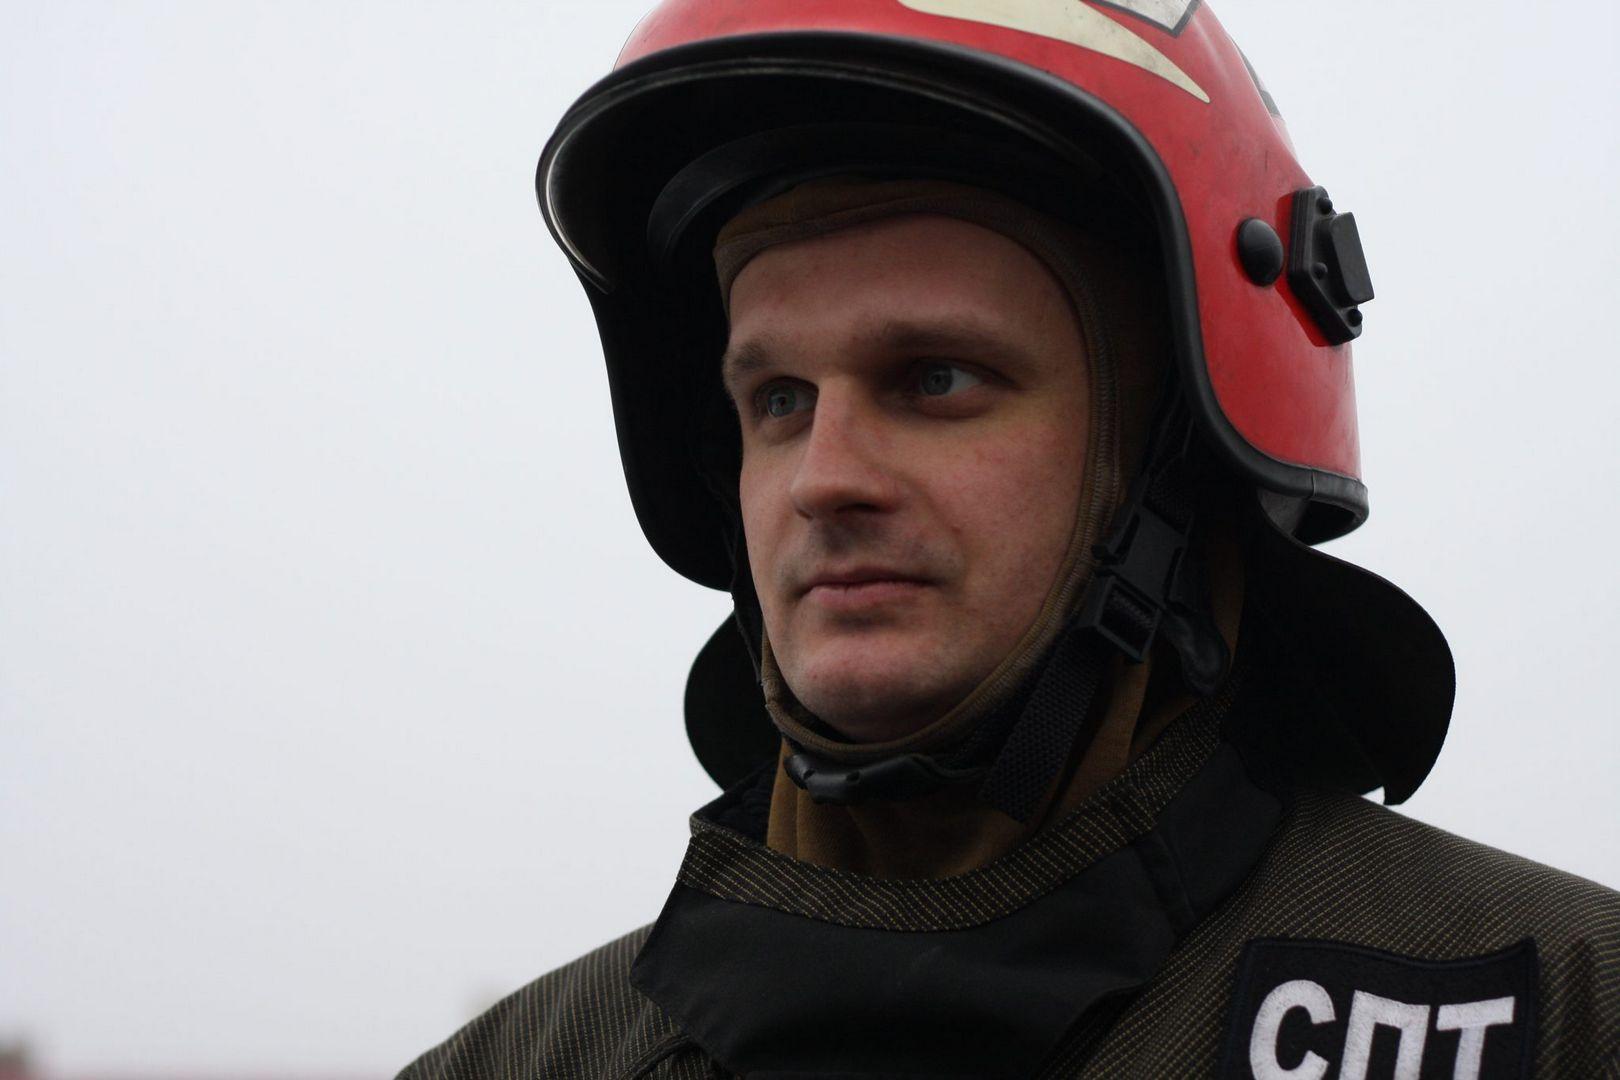 Иван Трембачев, помощник оперативного дежурного по ТиНАО КГУ ПСЦ